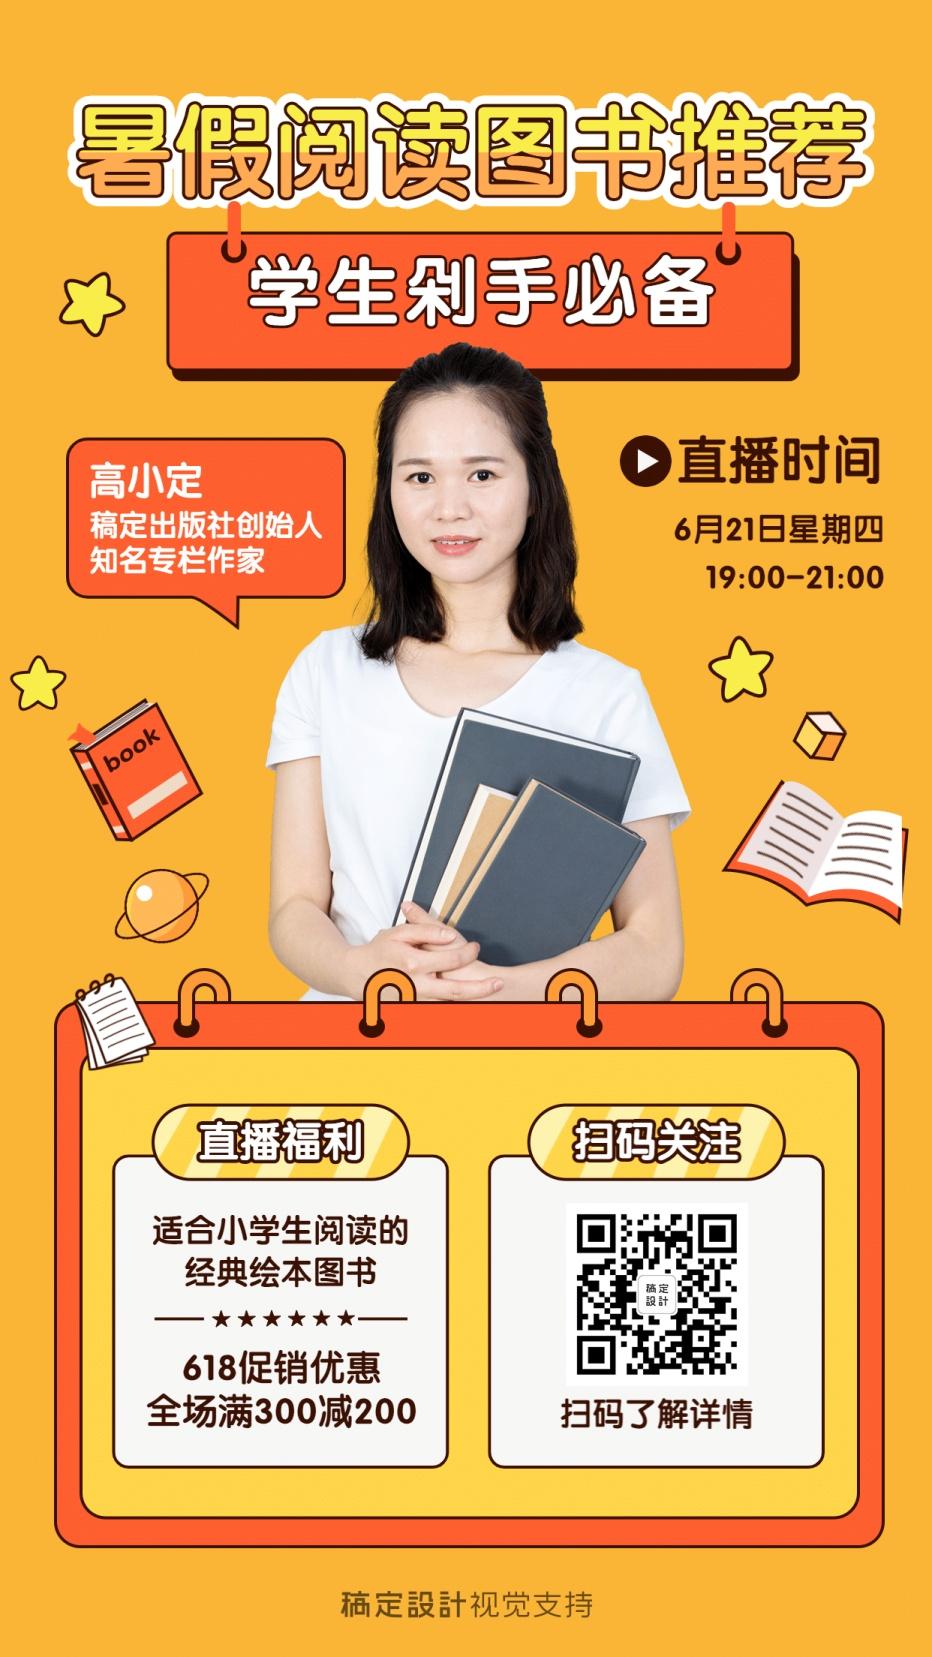 电商618图书推荐直播海报